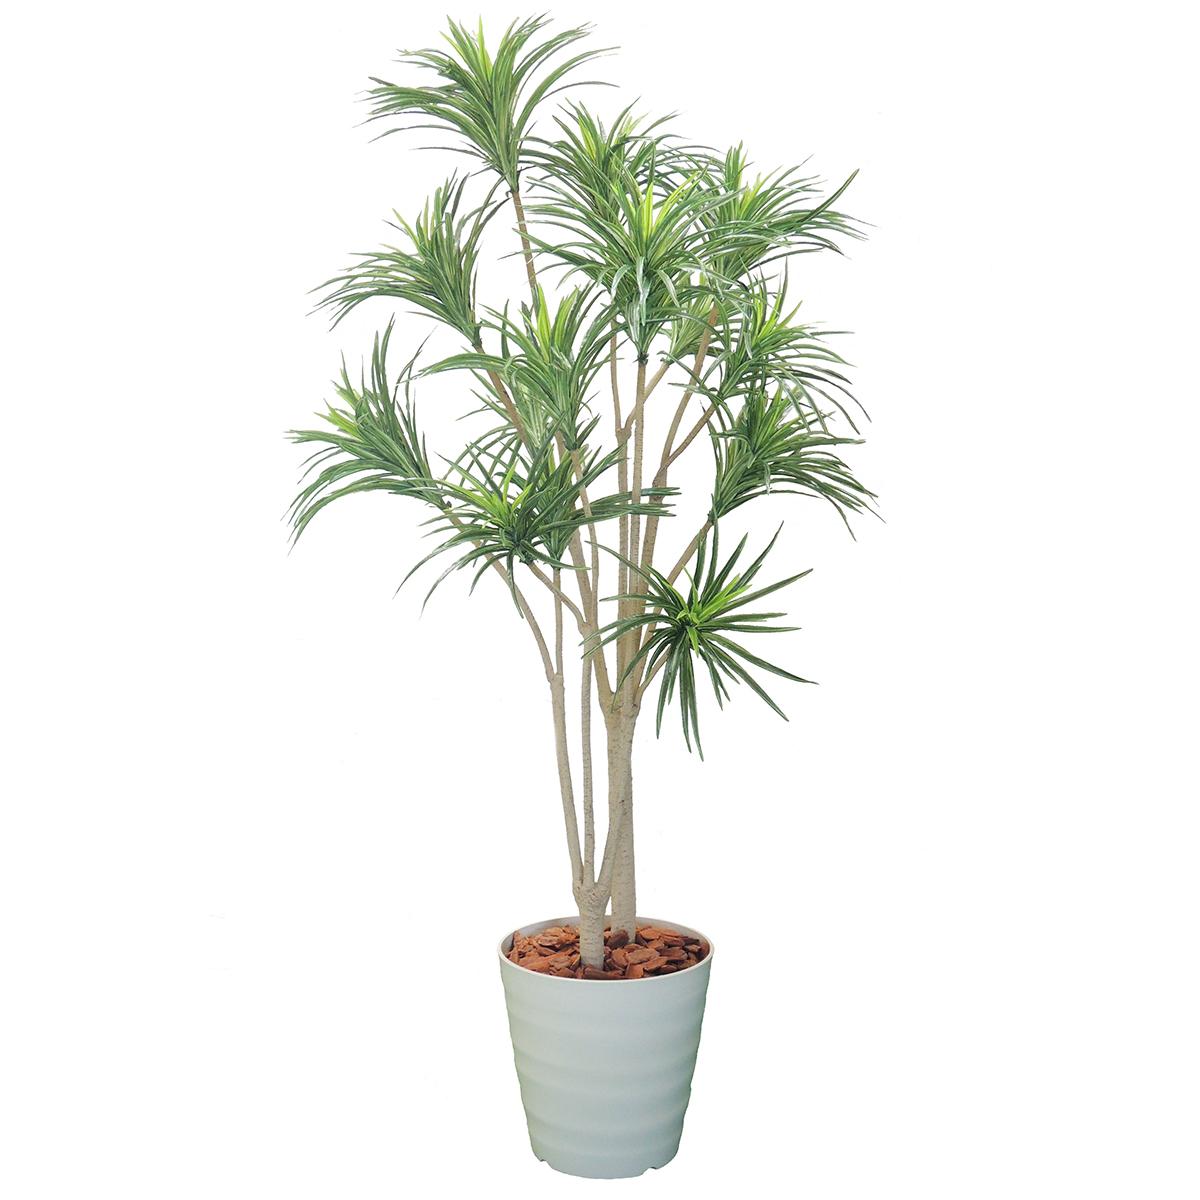 ドラセナコンシンネ H1500mm HBKD-2-018 観葉植物 インテリアグリーン フェイクグリーン オフィスグリーン